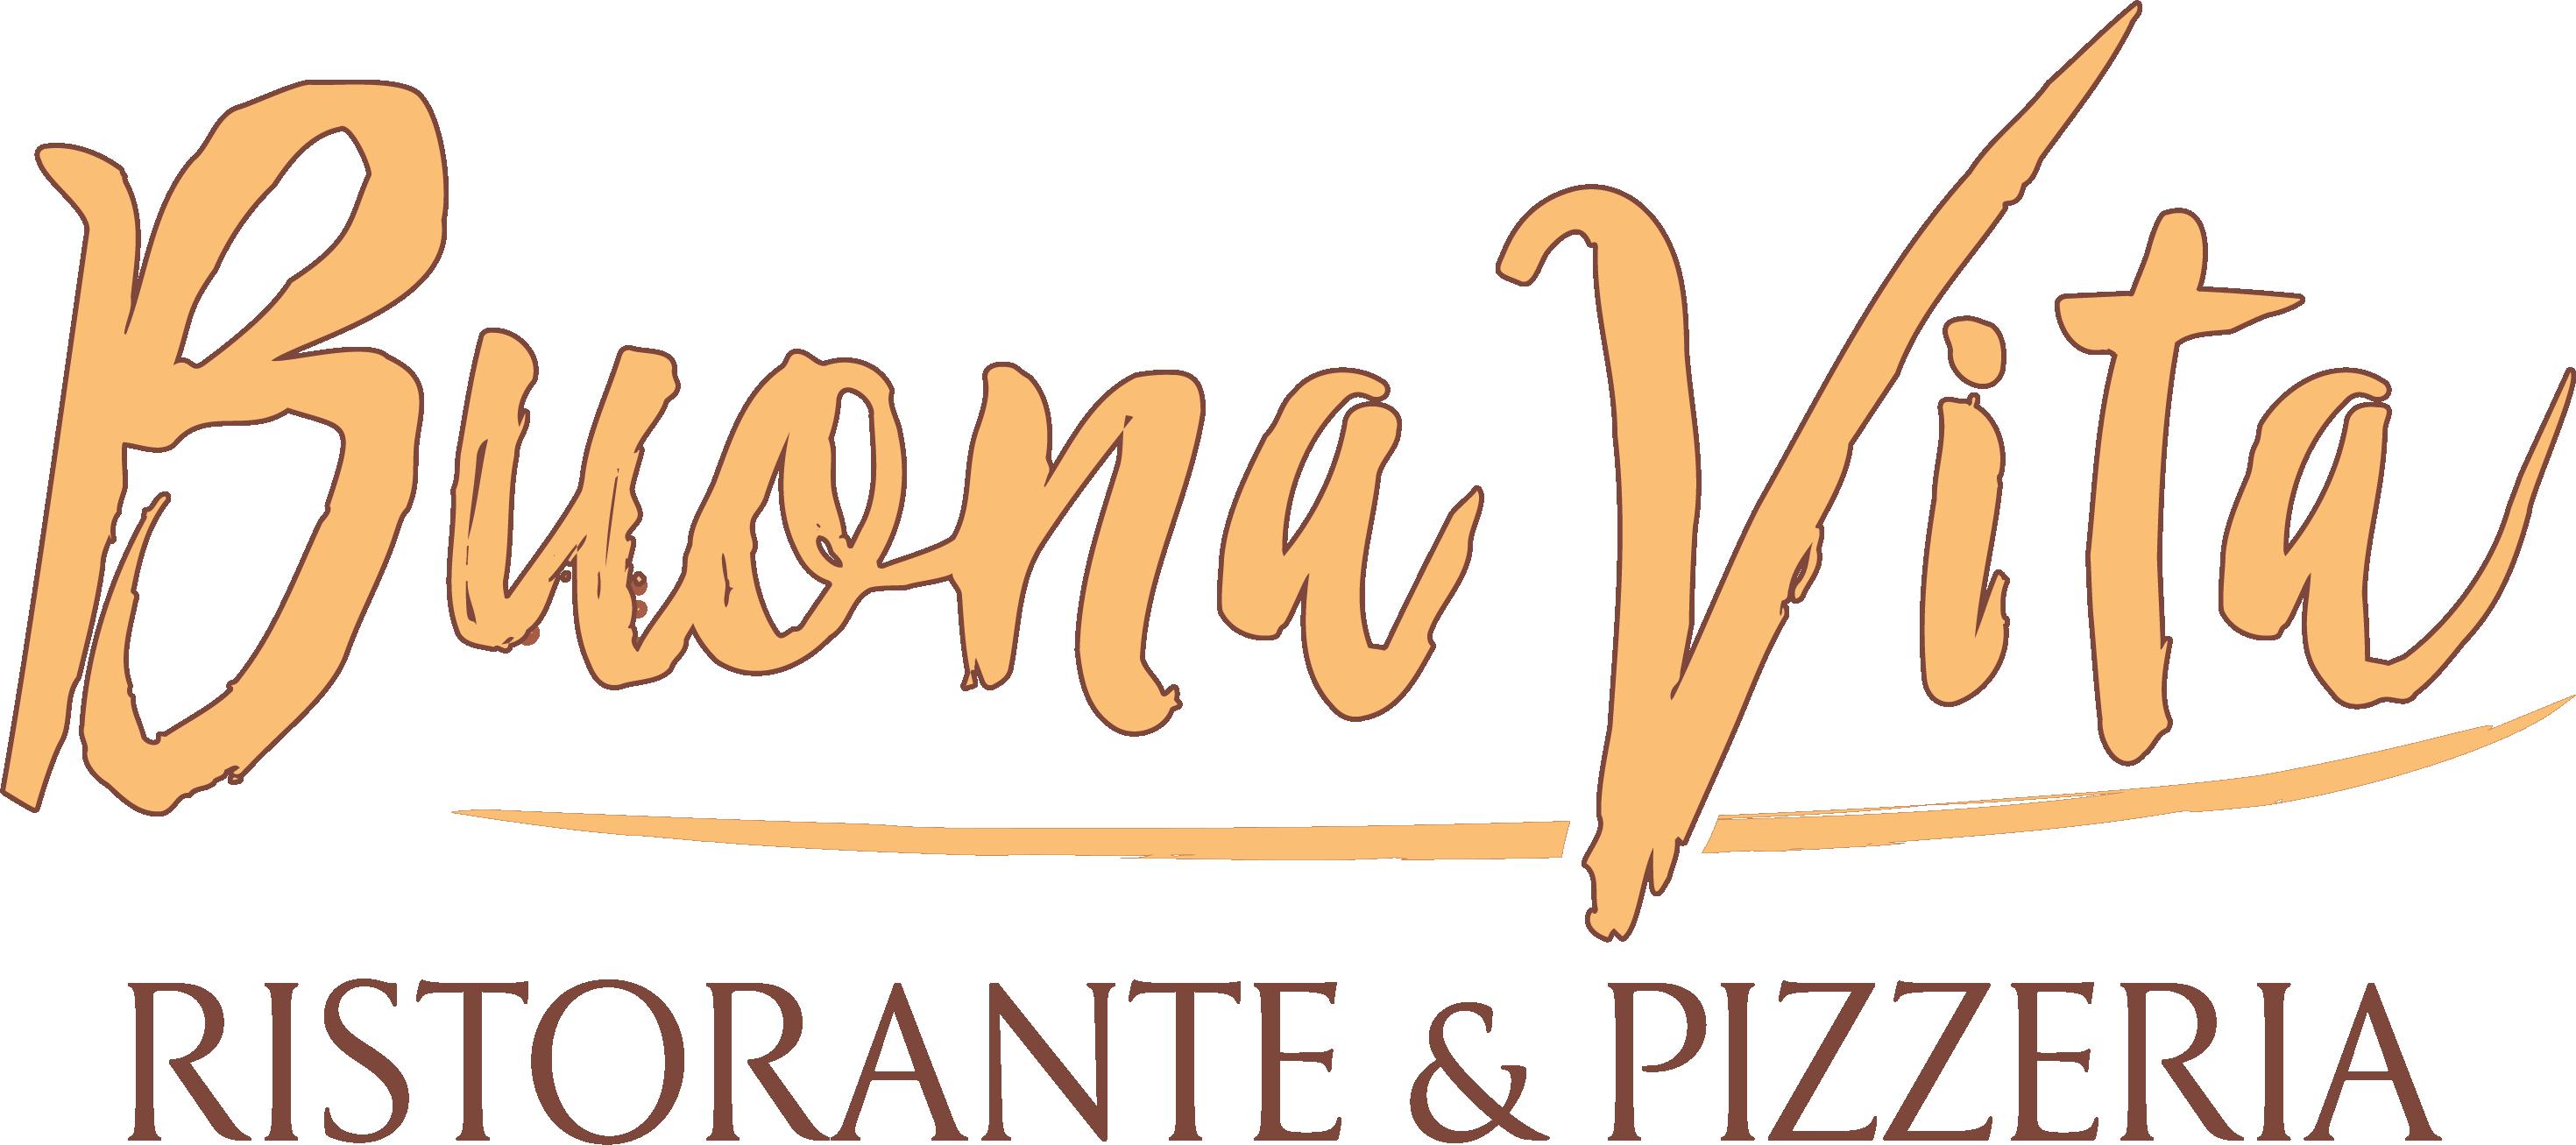 Ristorante & Pizzeria Buona Vita